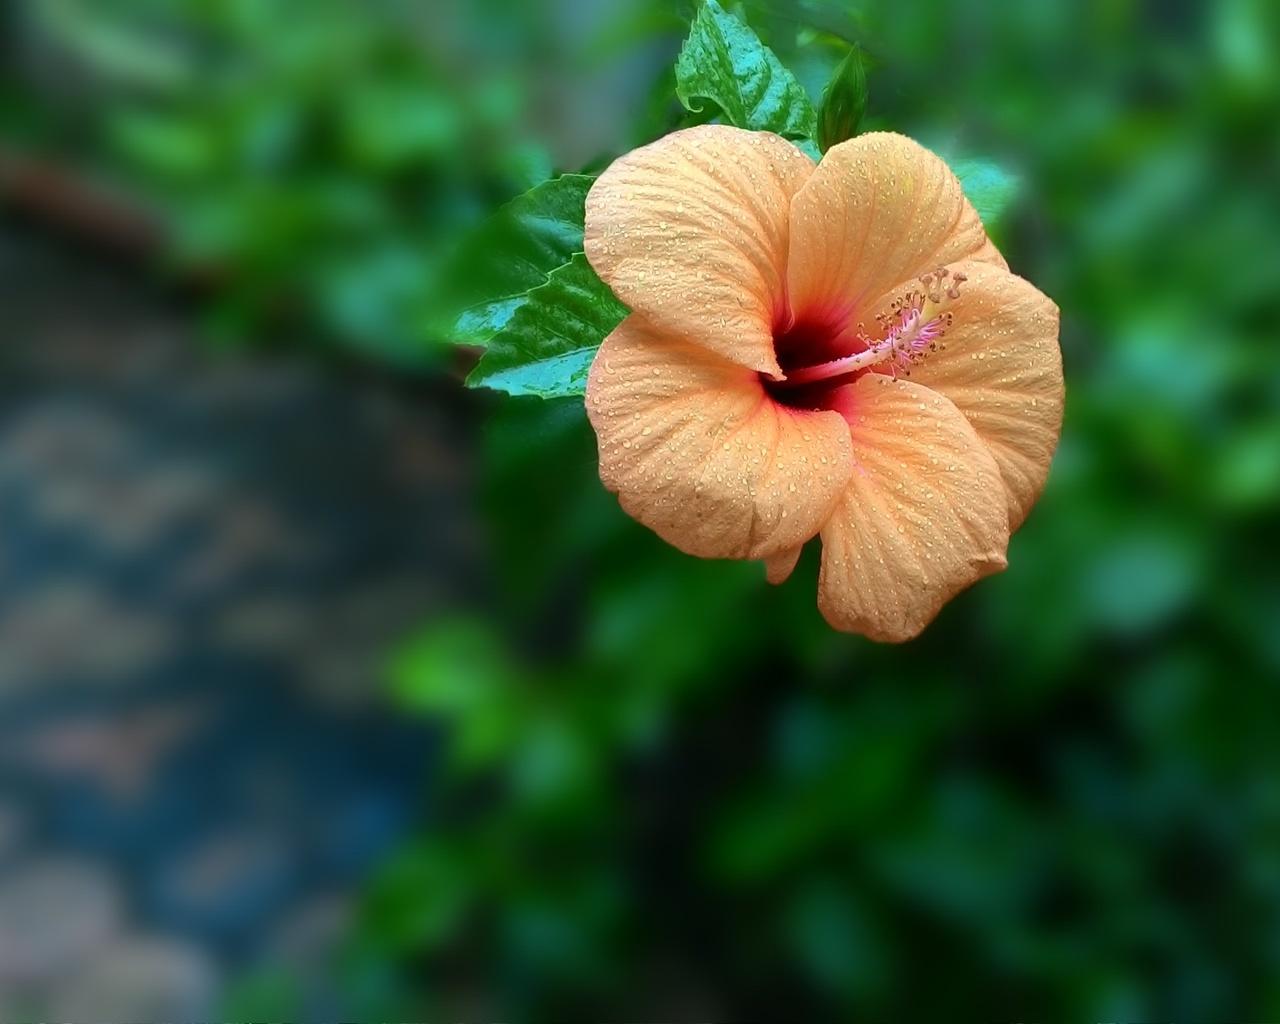 апельсин, цветение, фон